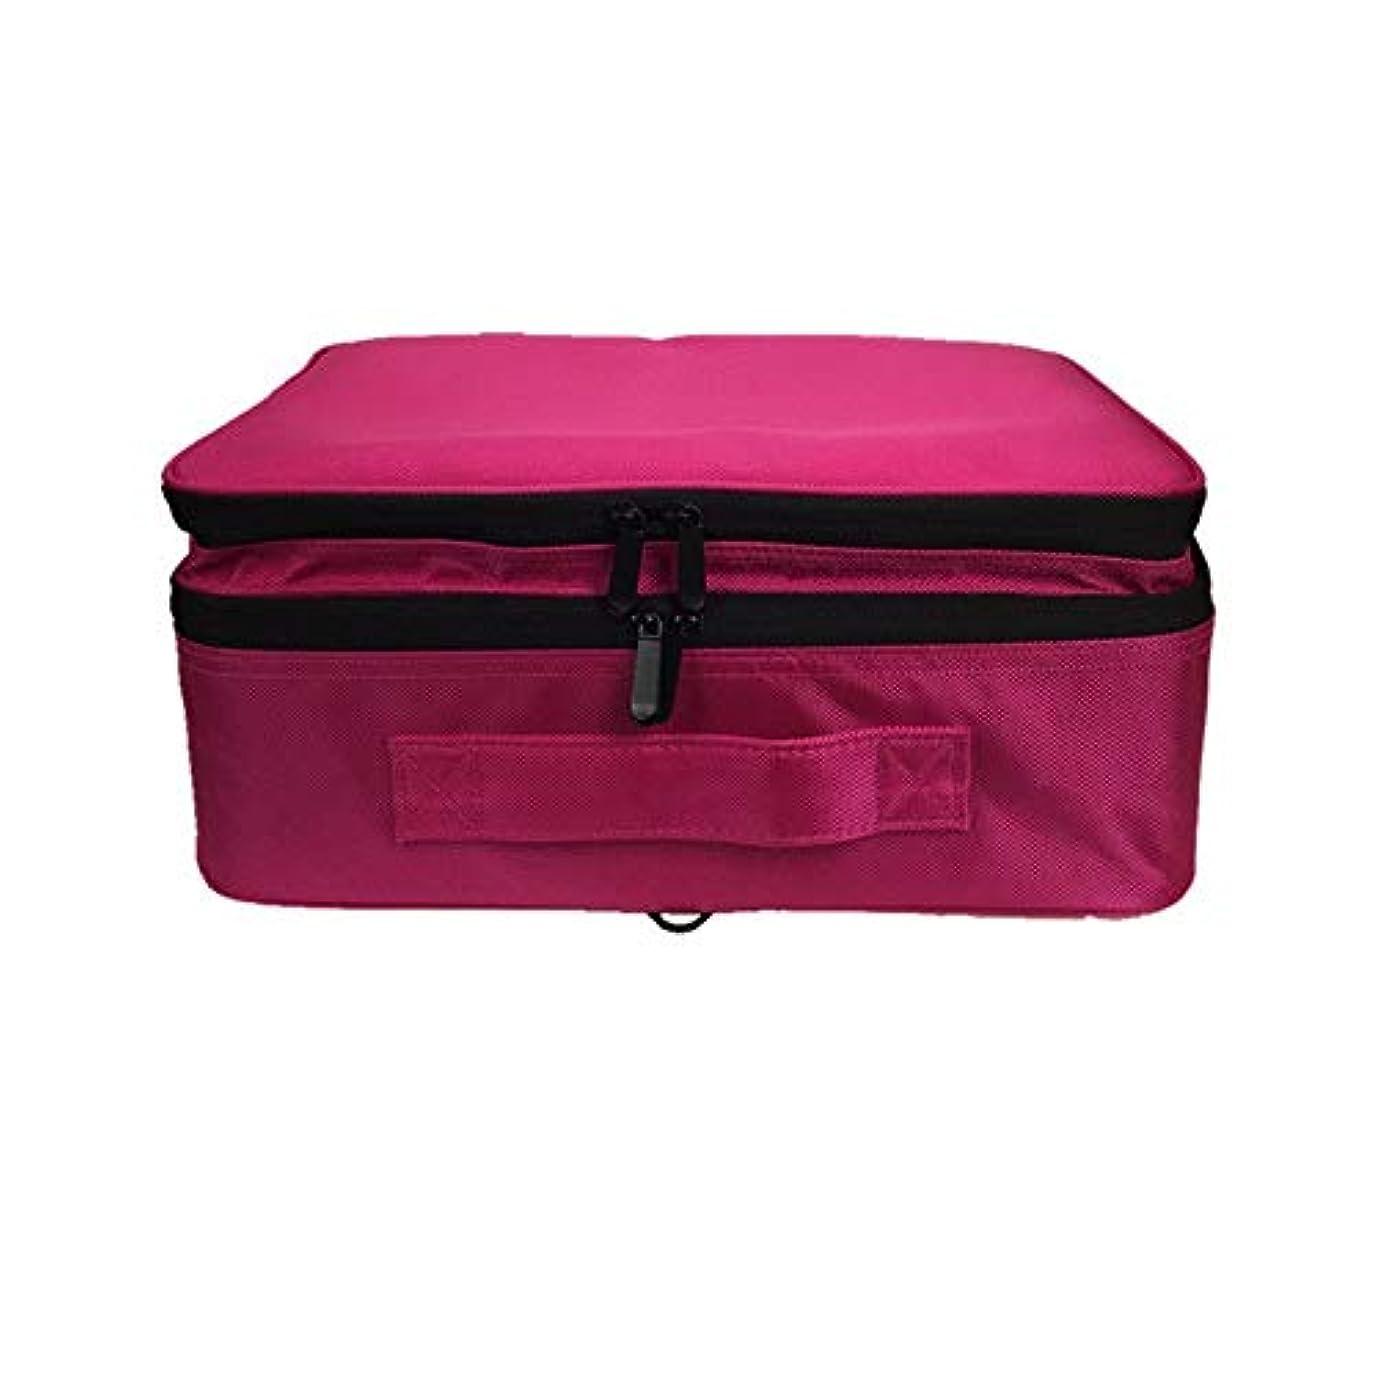 闘争ホバー熱特大スペース収納ビューティーボックス 女の子の女性旅行のための新しく、実用的な携帯用化粧箱およびロックおよび皿が付いている毎日の貯蔵 化粧品化粧台 (色 : 赤)